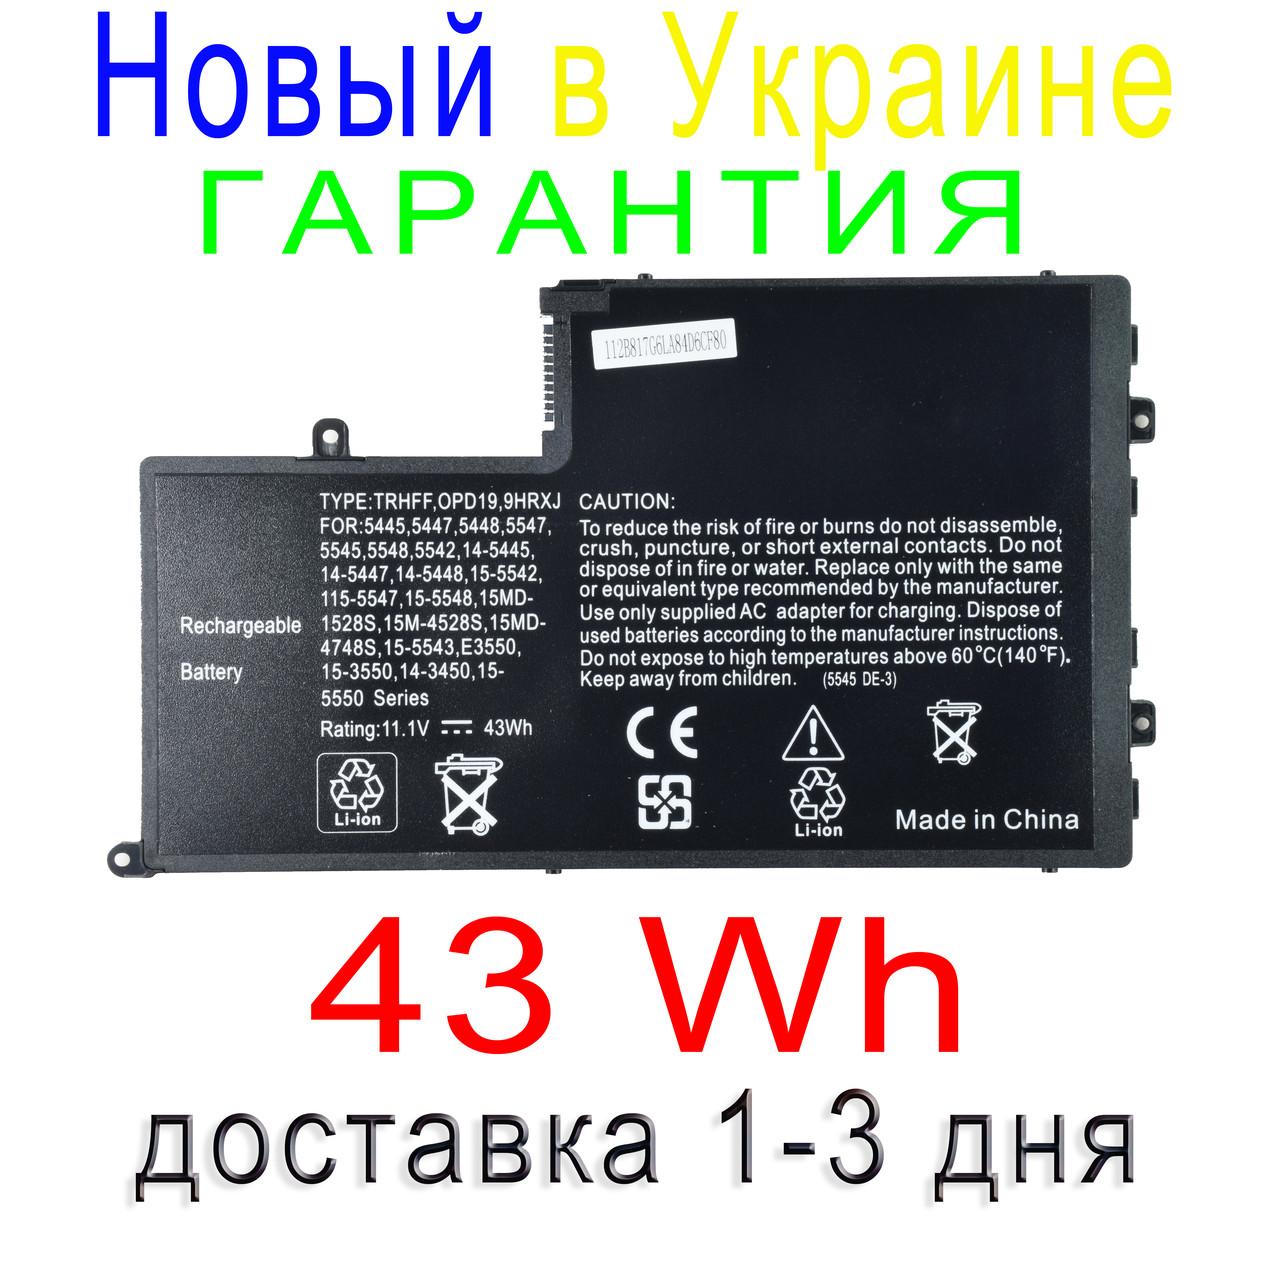 Аккумулятор батарея DELL TRHFF 0PD19 9HRXJ 01V2F 01V2F6 0DFVYN 1V2F6 58DP4 5MD4V 86JK8